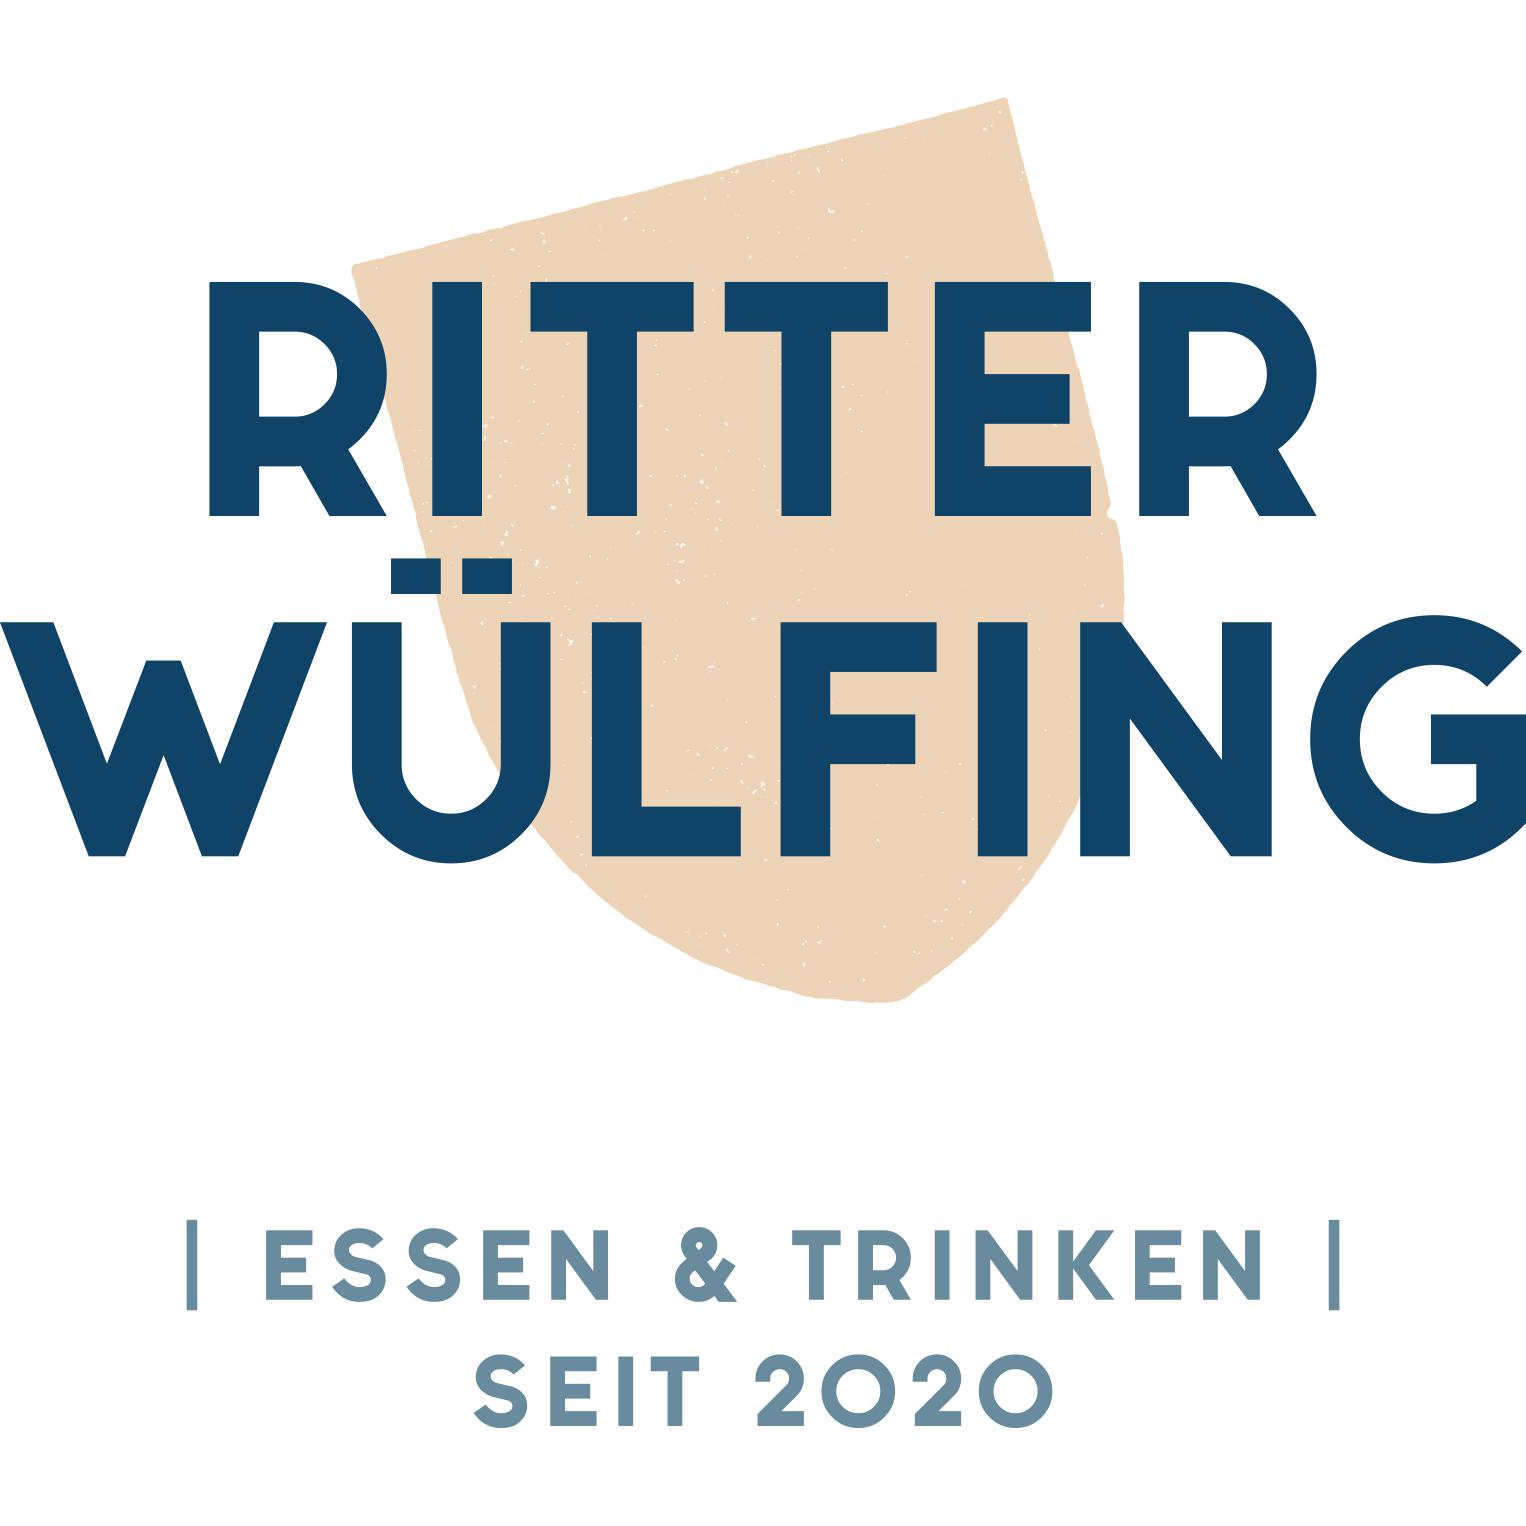 RITTER WÜLFING